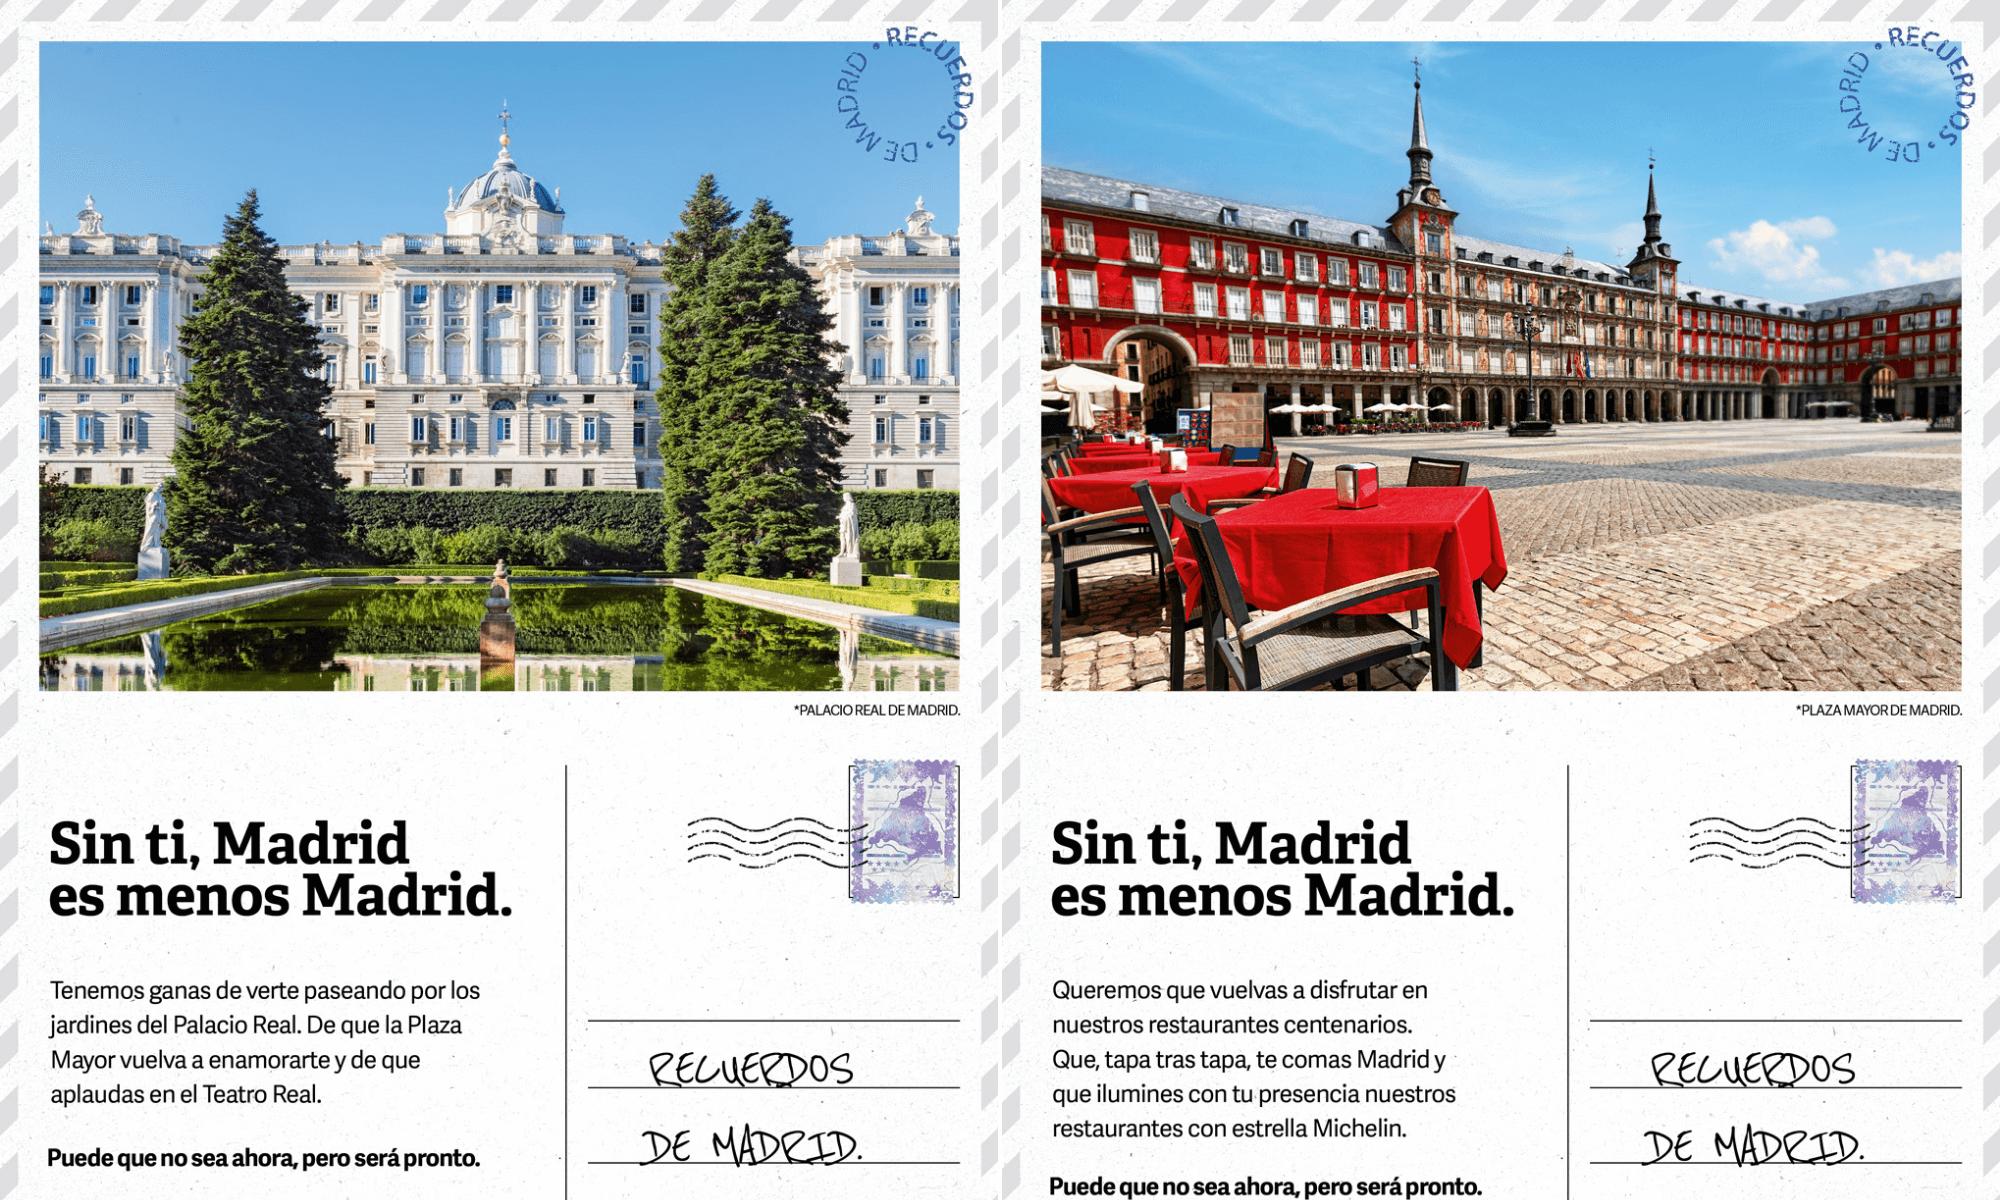 Recuerdos de Madrid la nueva campaña de promoción turística del Ayuntamiento de Madrid y la Comunidad de Madrid 1